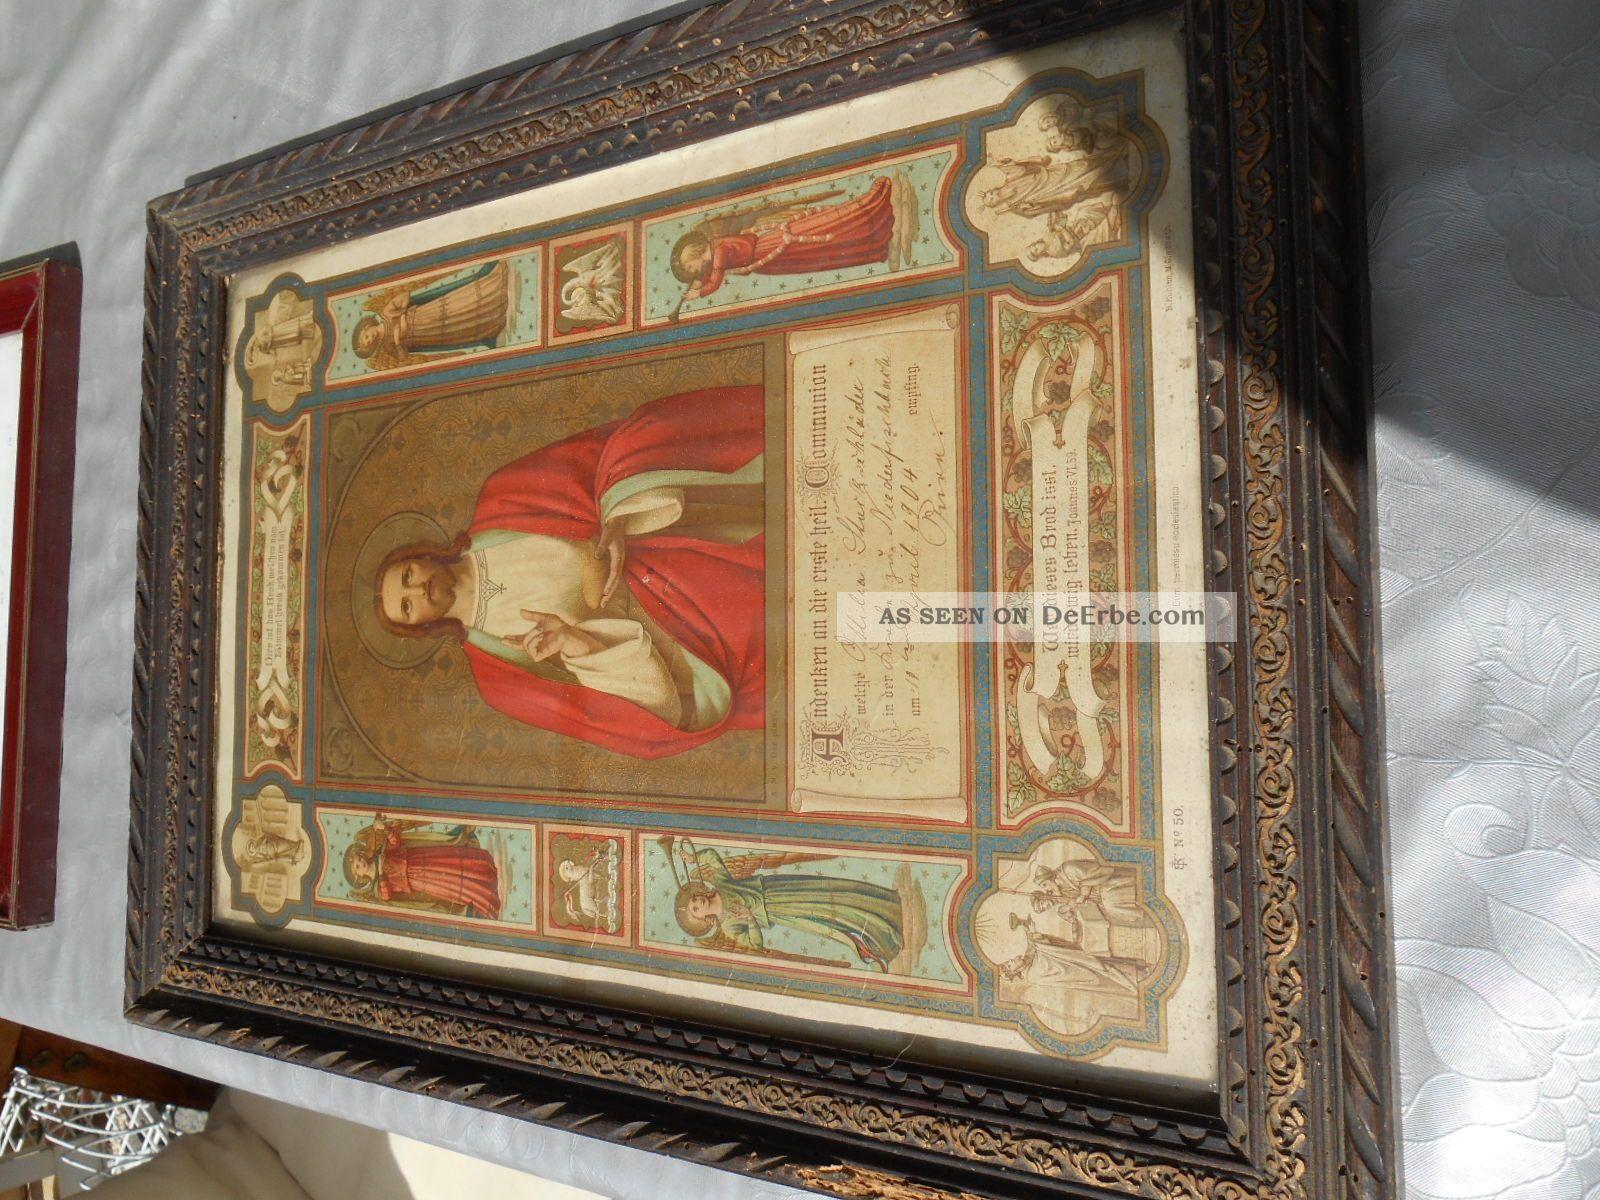 Mobiliar & Interieur - Spiegel & Rahmen - Antiquitäten